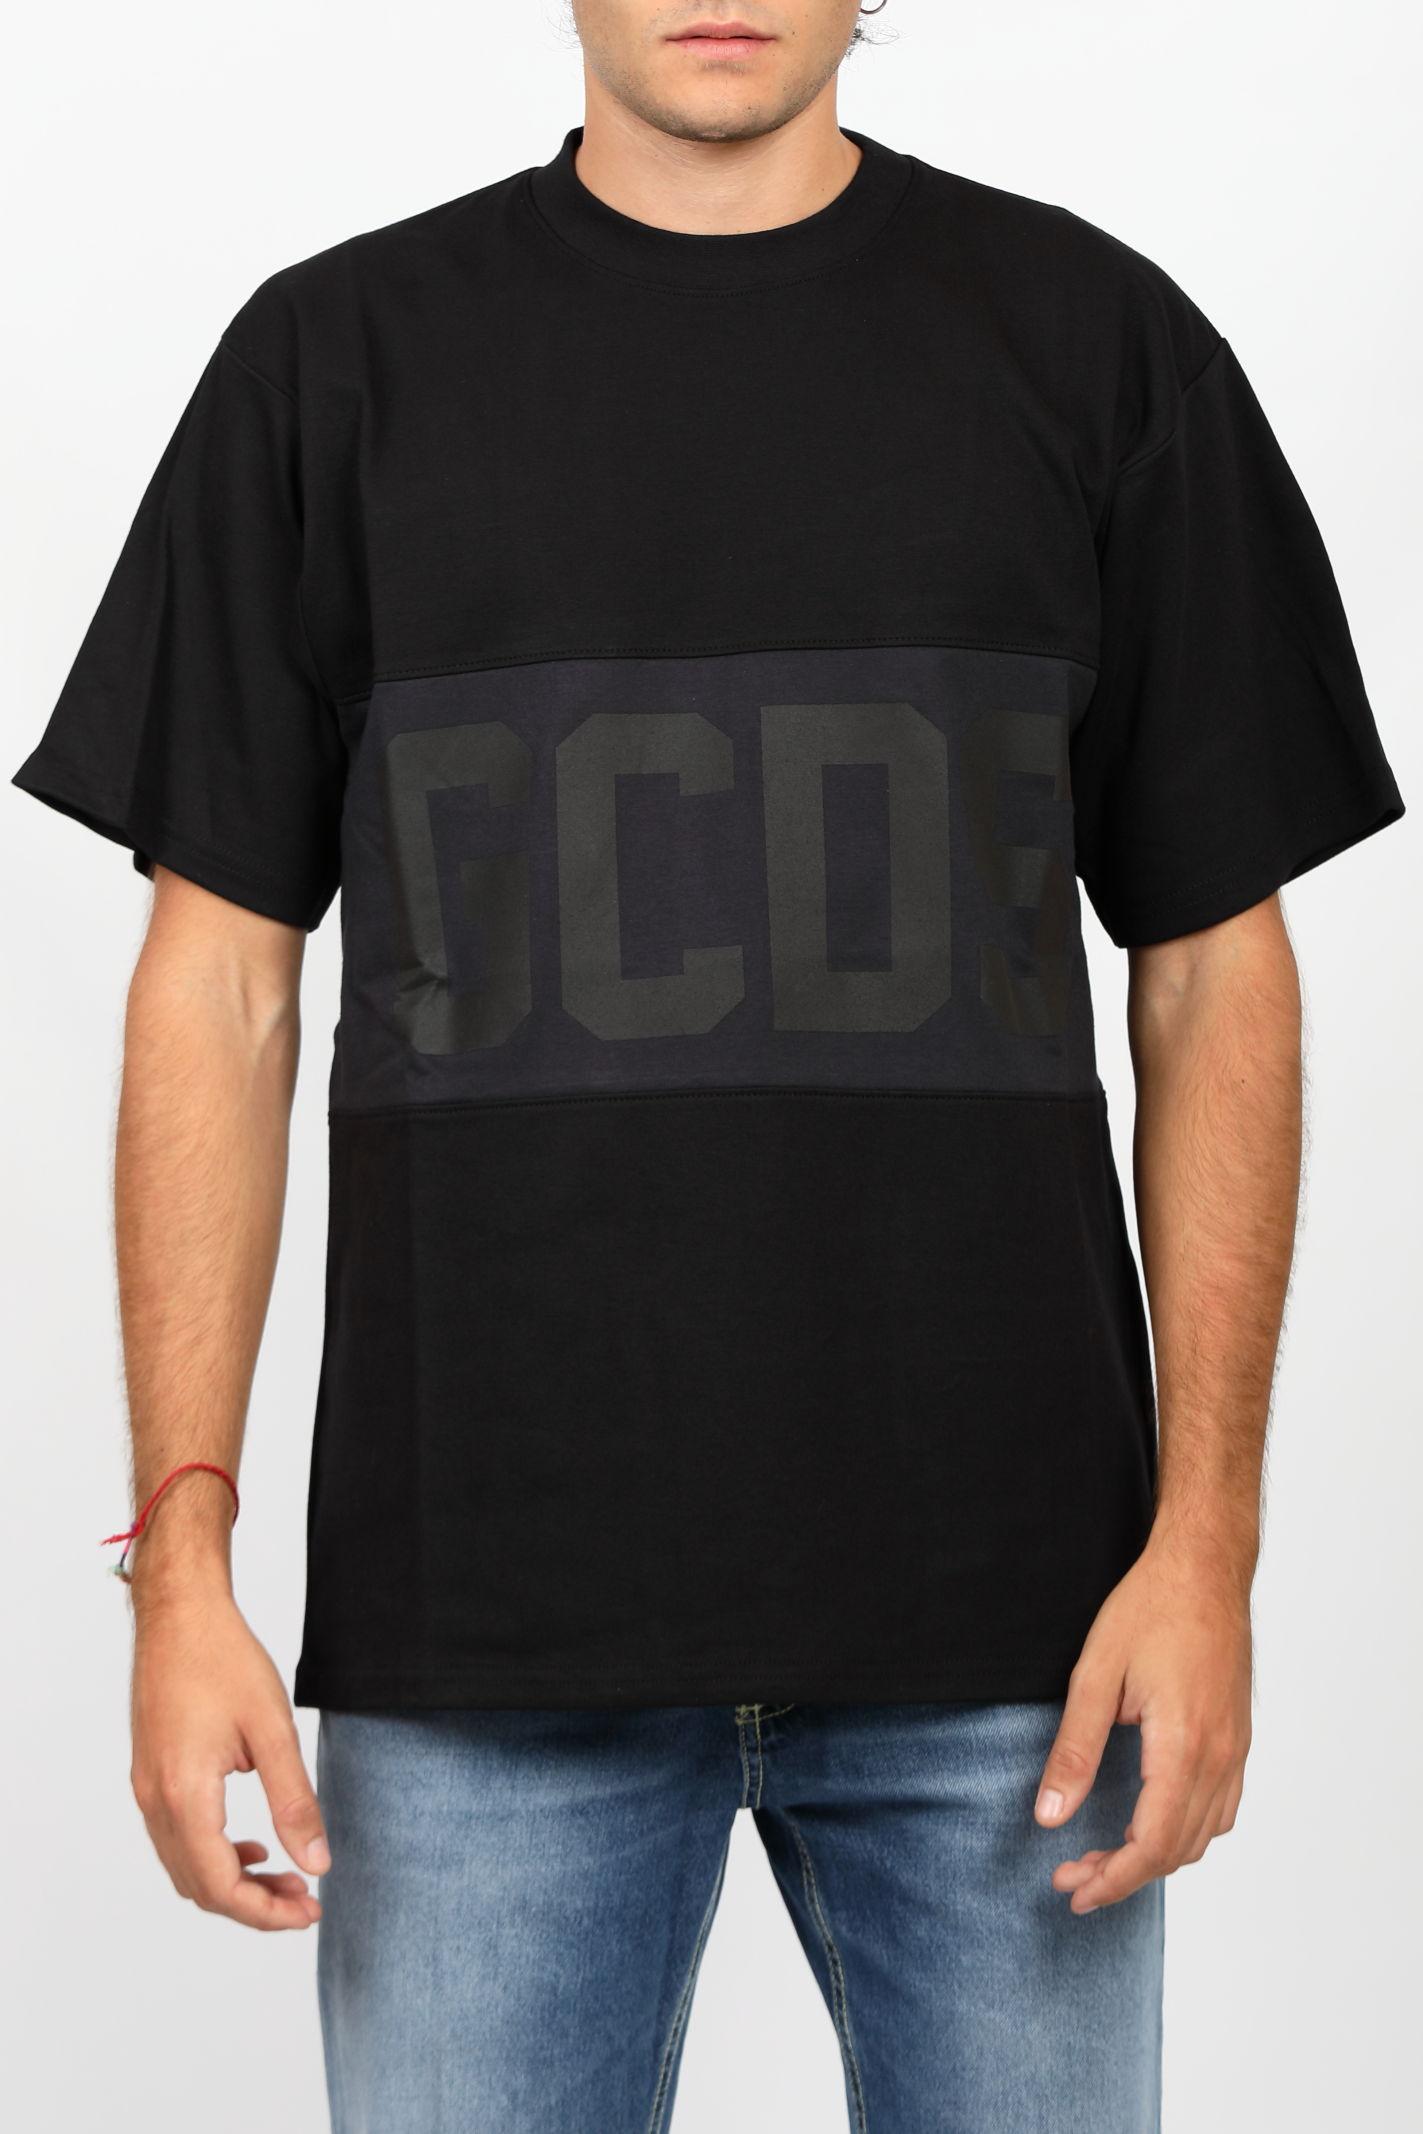 BAND LOGO TEE GCDS | T-shirt | CC94M02150102